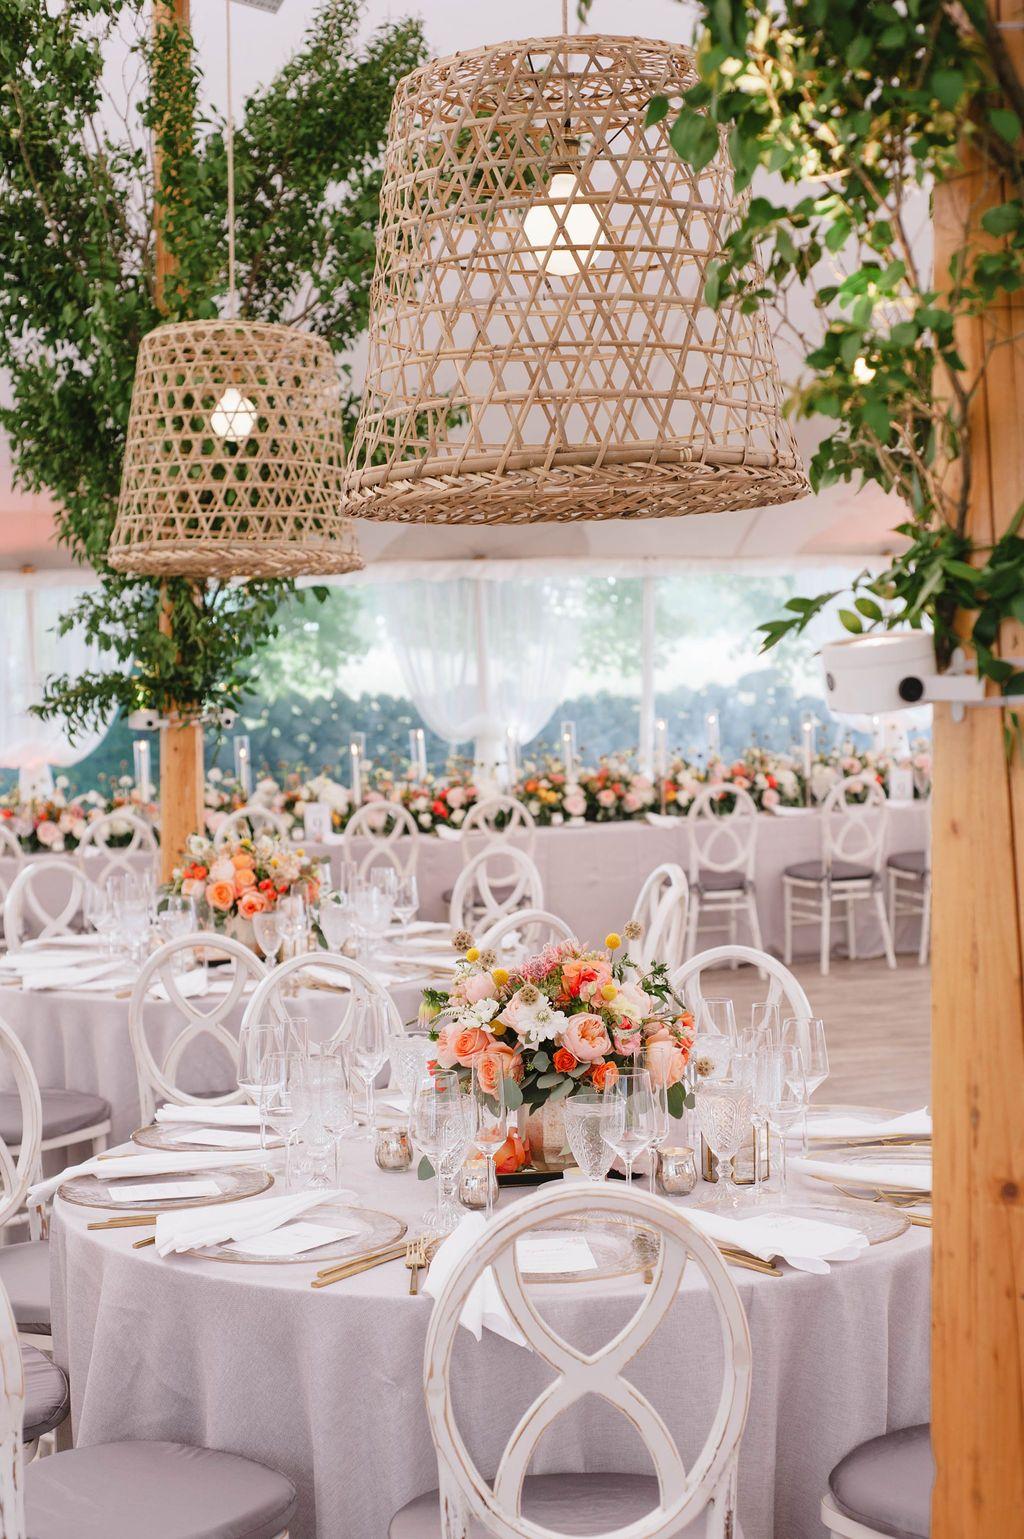 Summer Wedding Tent Decorations   Tent decorations ...